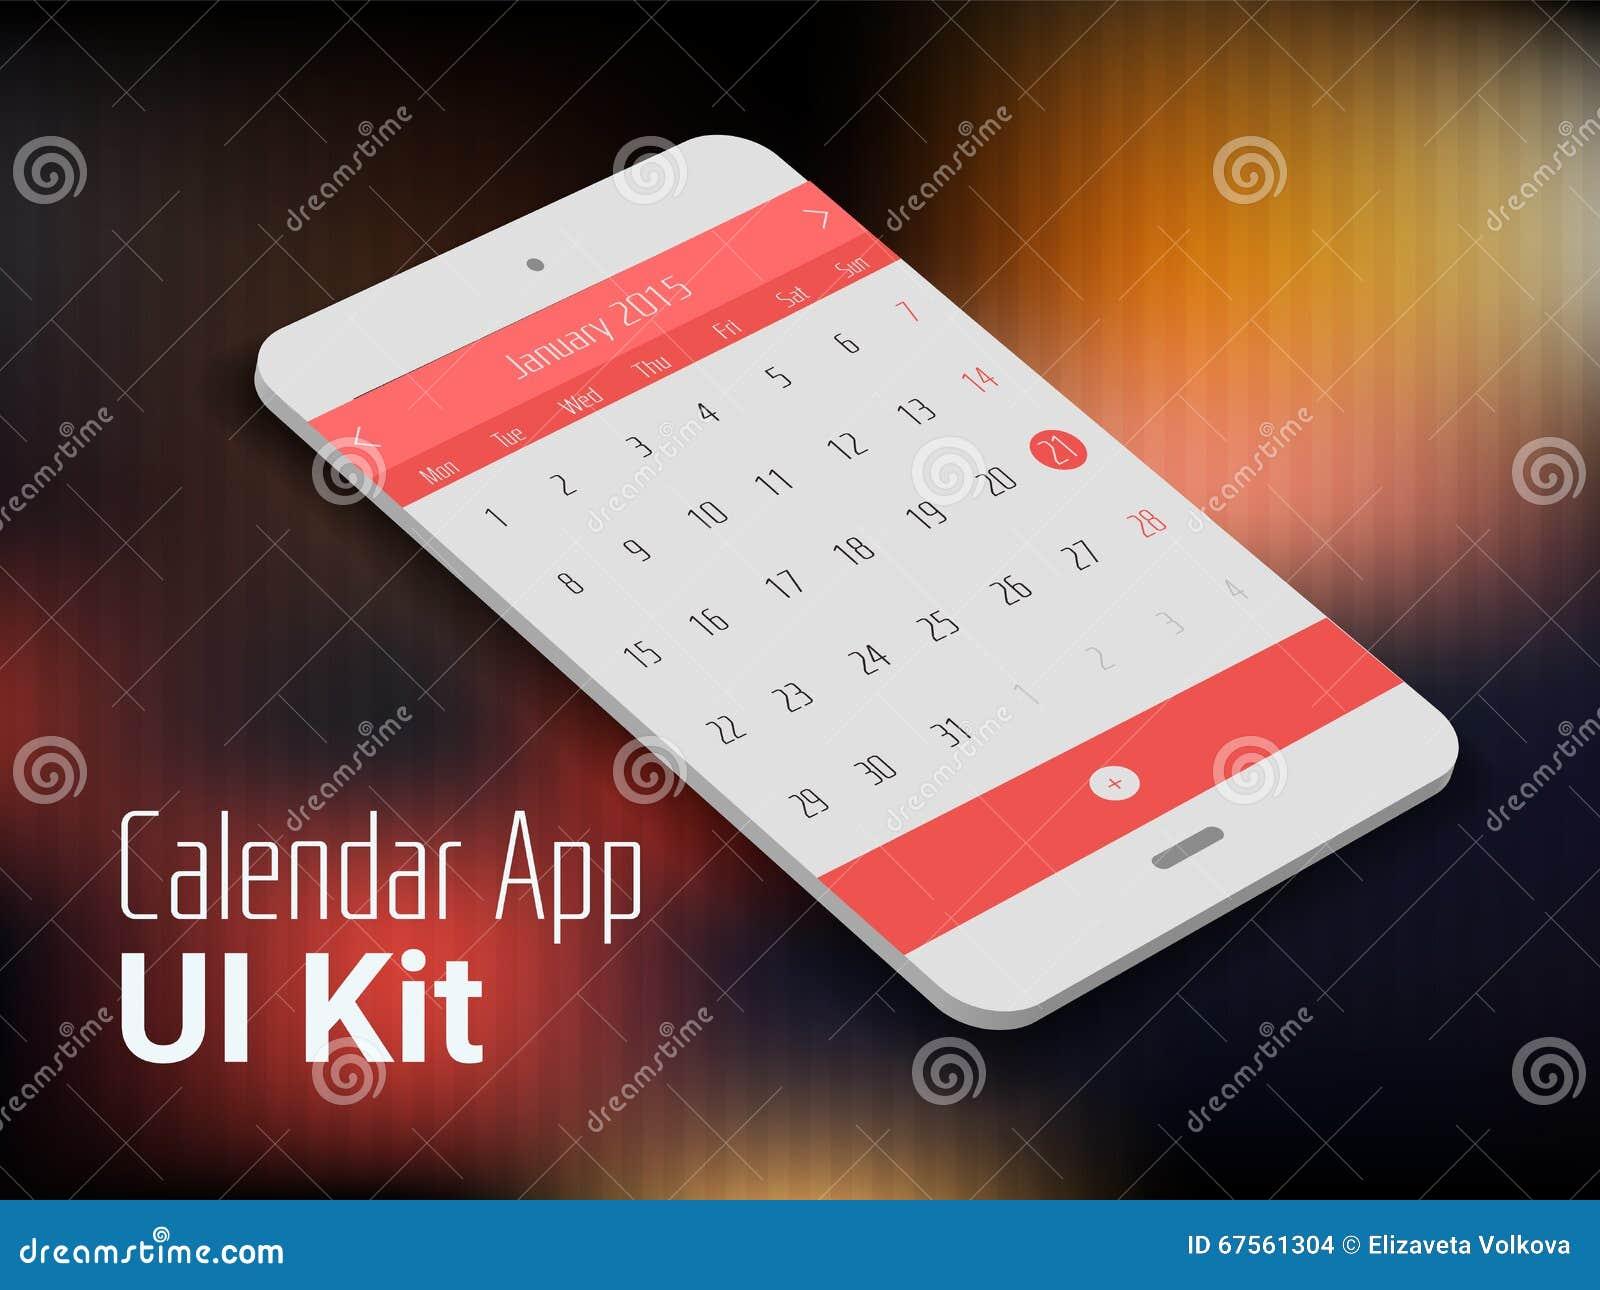 Image Result For U Mobile Smartphone Plans